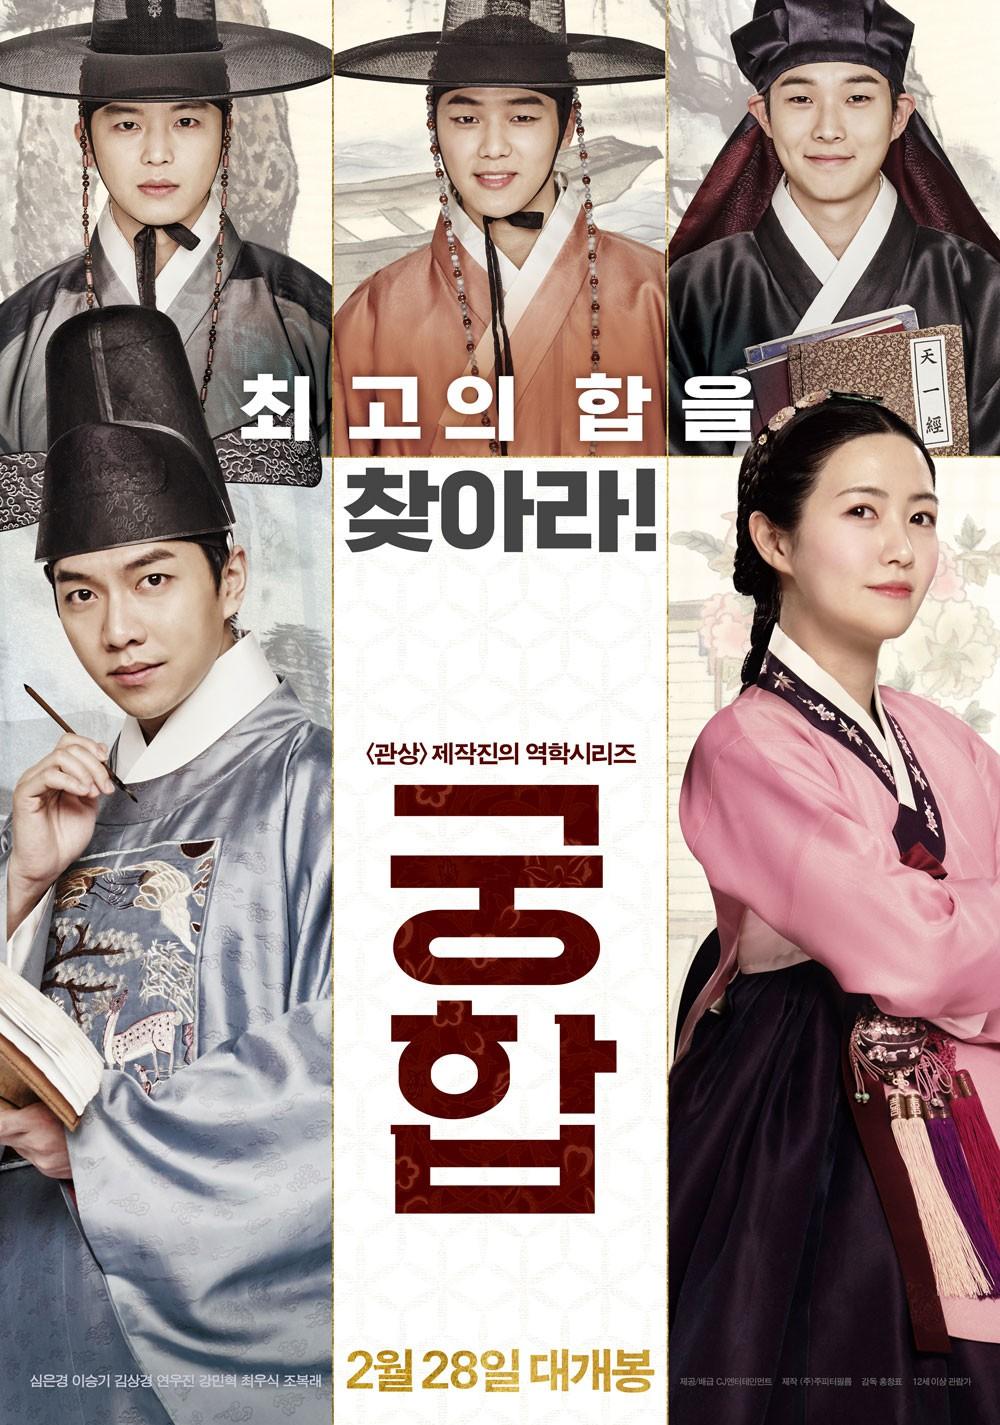 Phim mới của Lee Seung Gi: Khi con rể quốc dân cũng flop dập mặt vì quá thiếu muối - Ảnh 1.